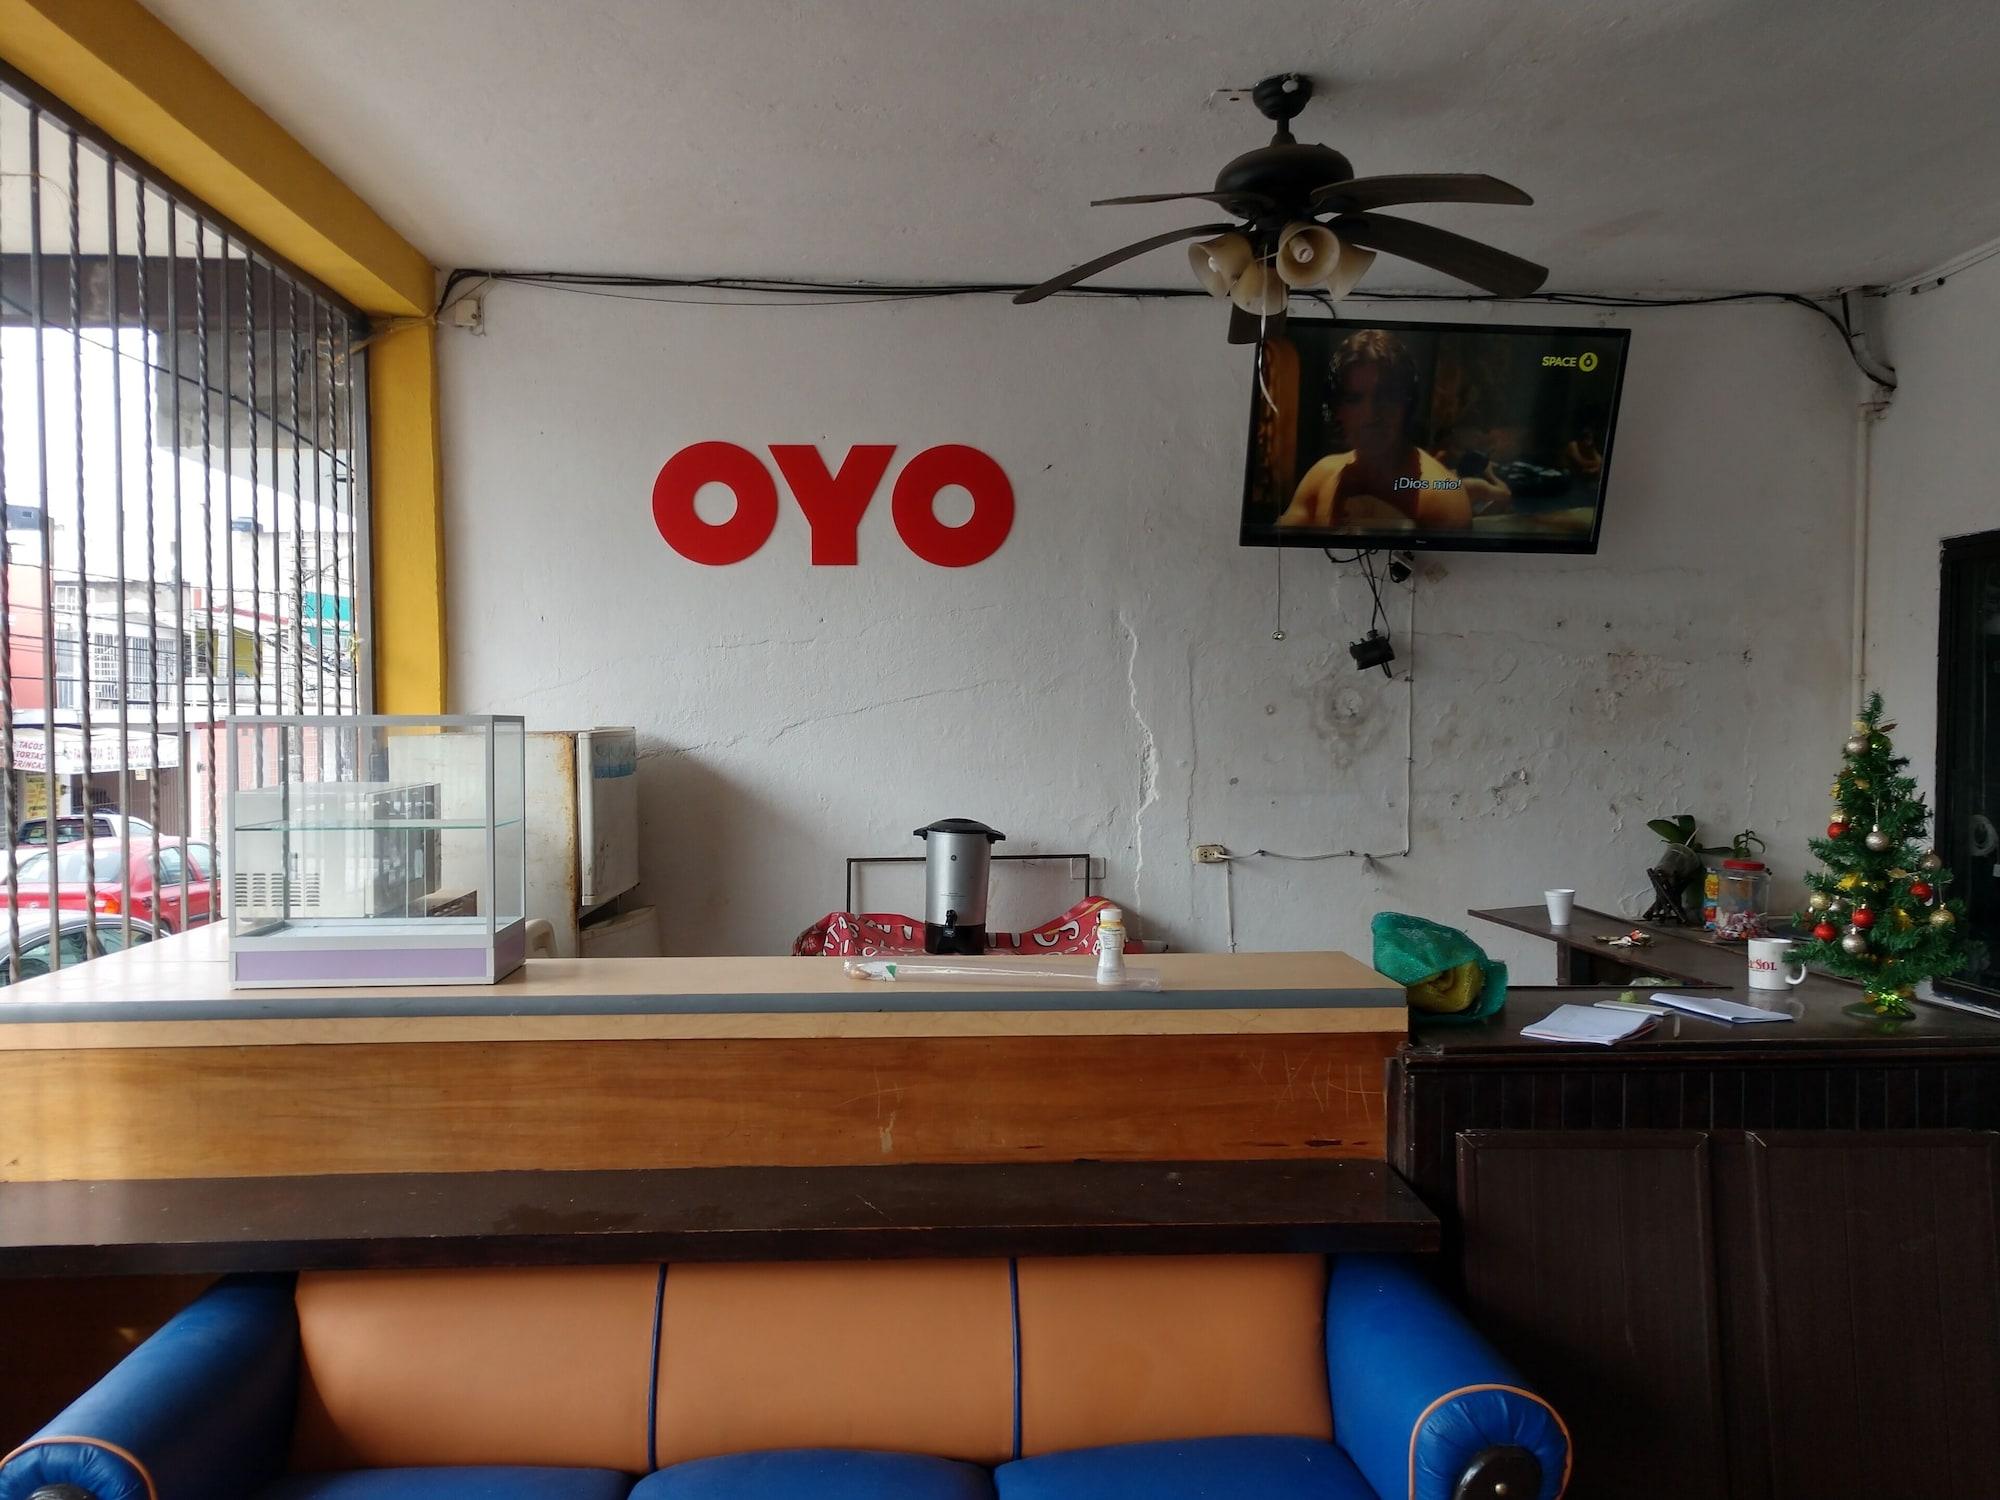 OYO Hotel Posada Los Faroles, Centro